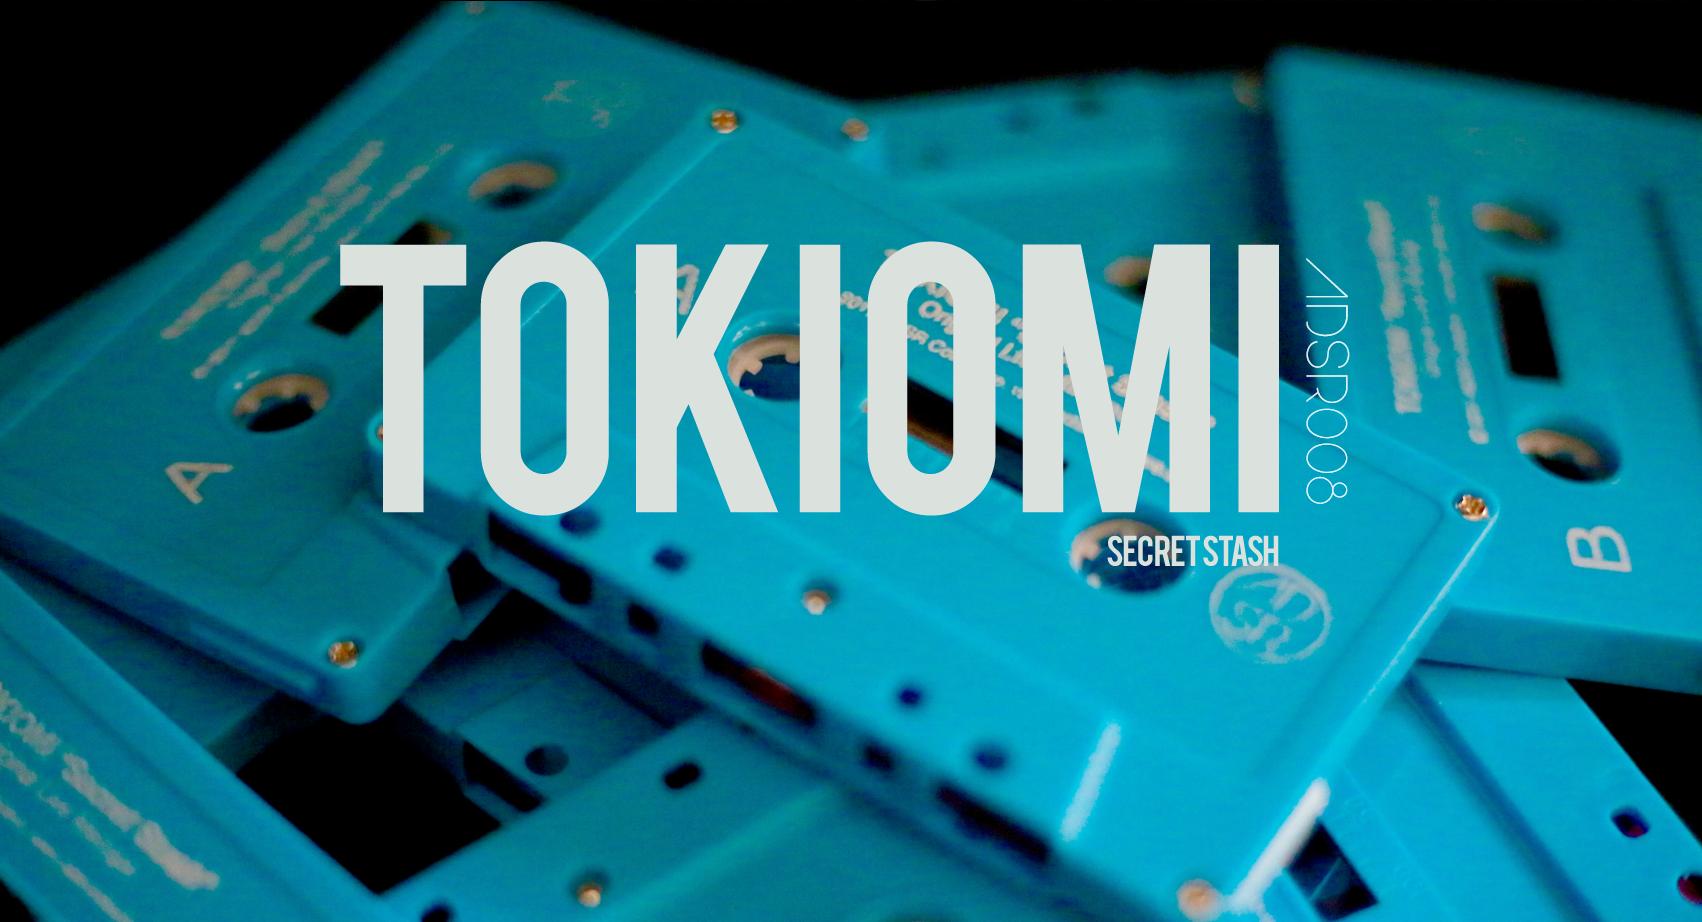 tokiomi-facebook-cover3b.png